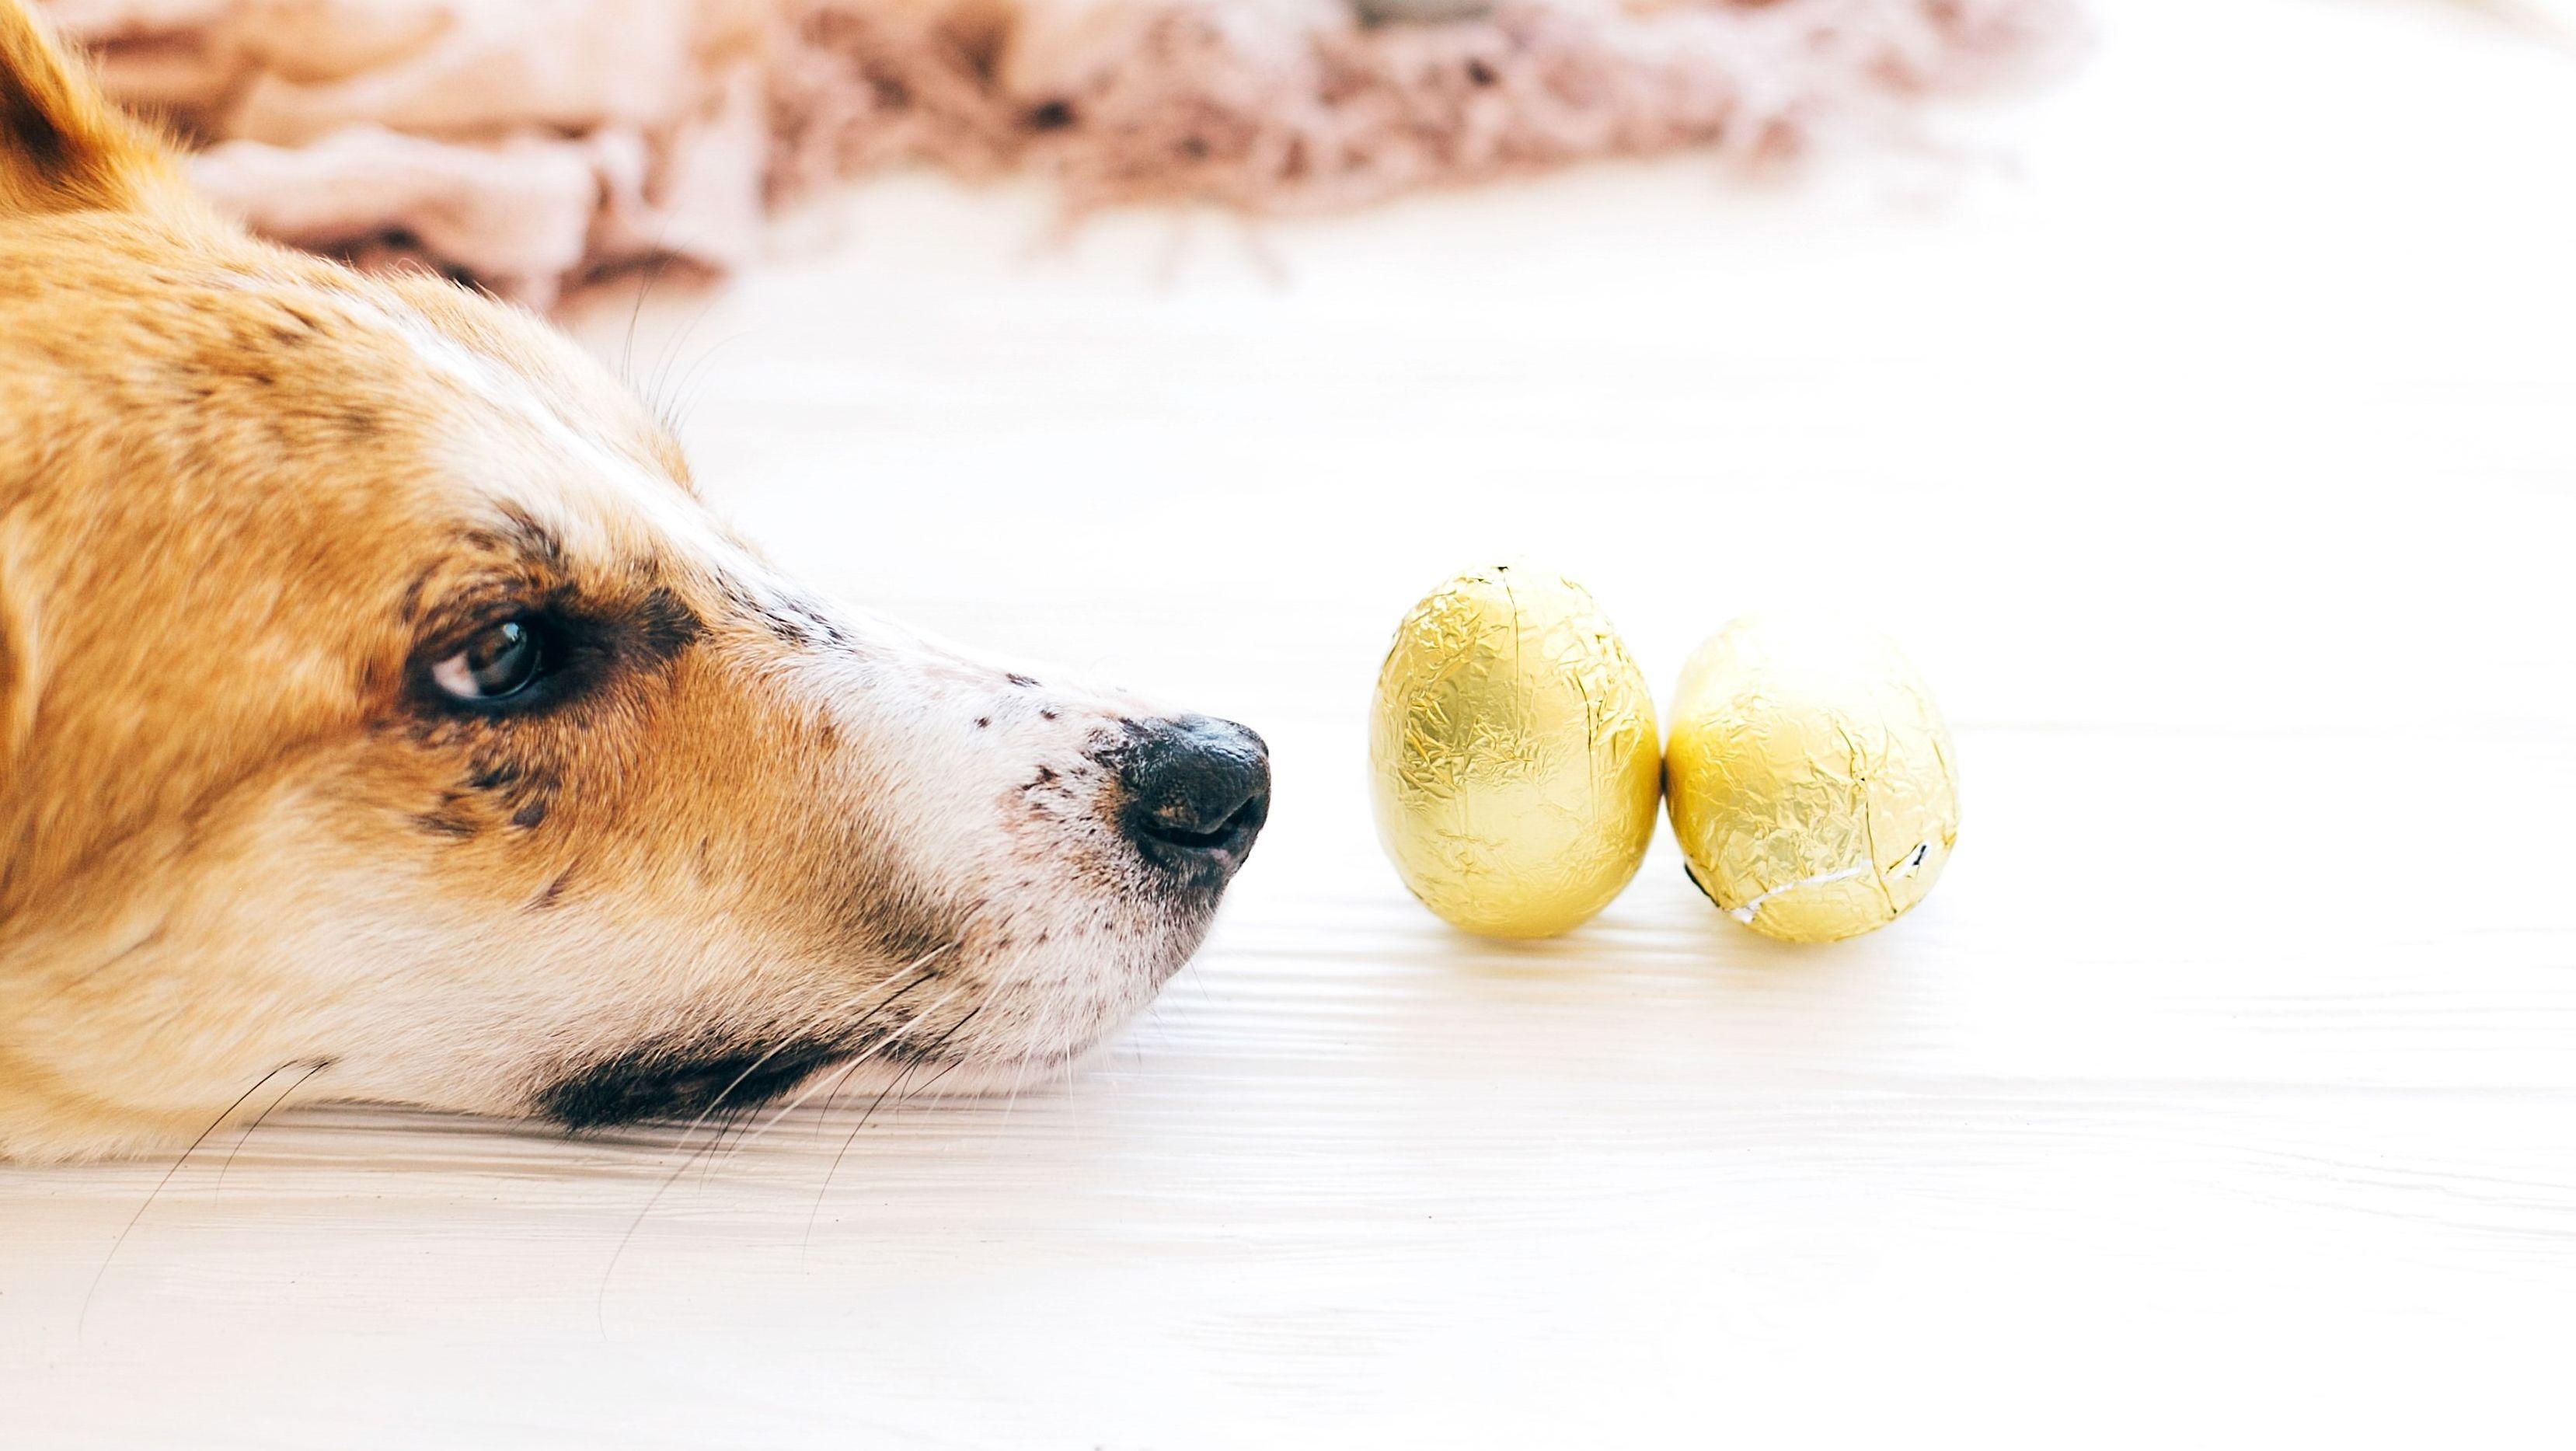 Hund schaut sehnsüchtig Schokoostereier an.